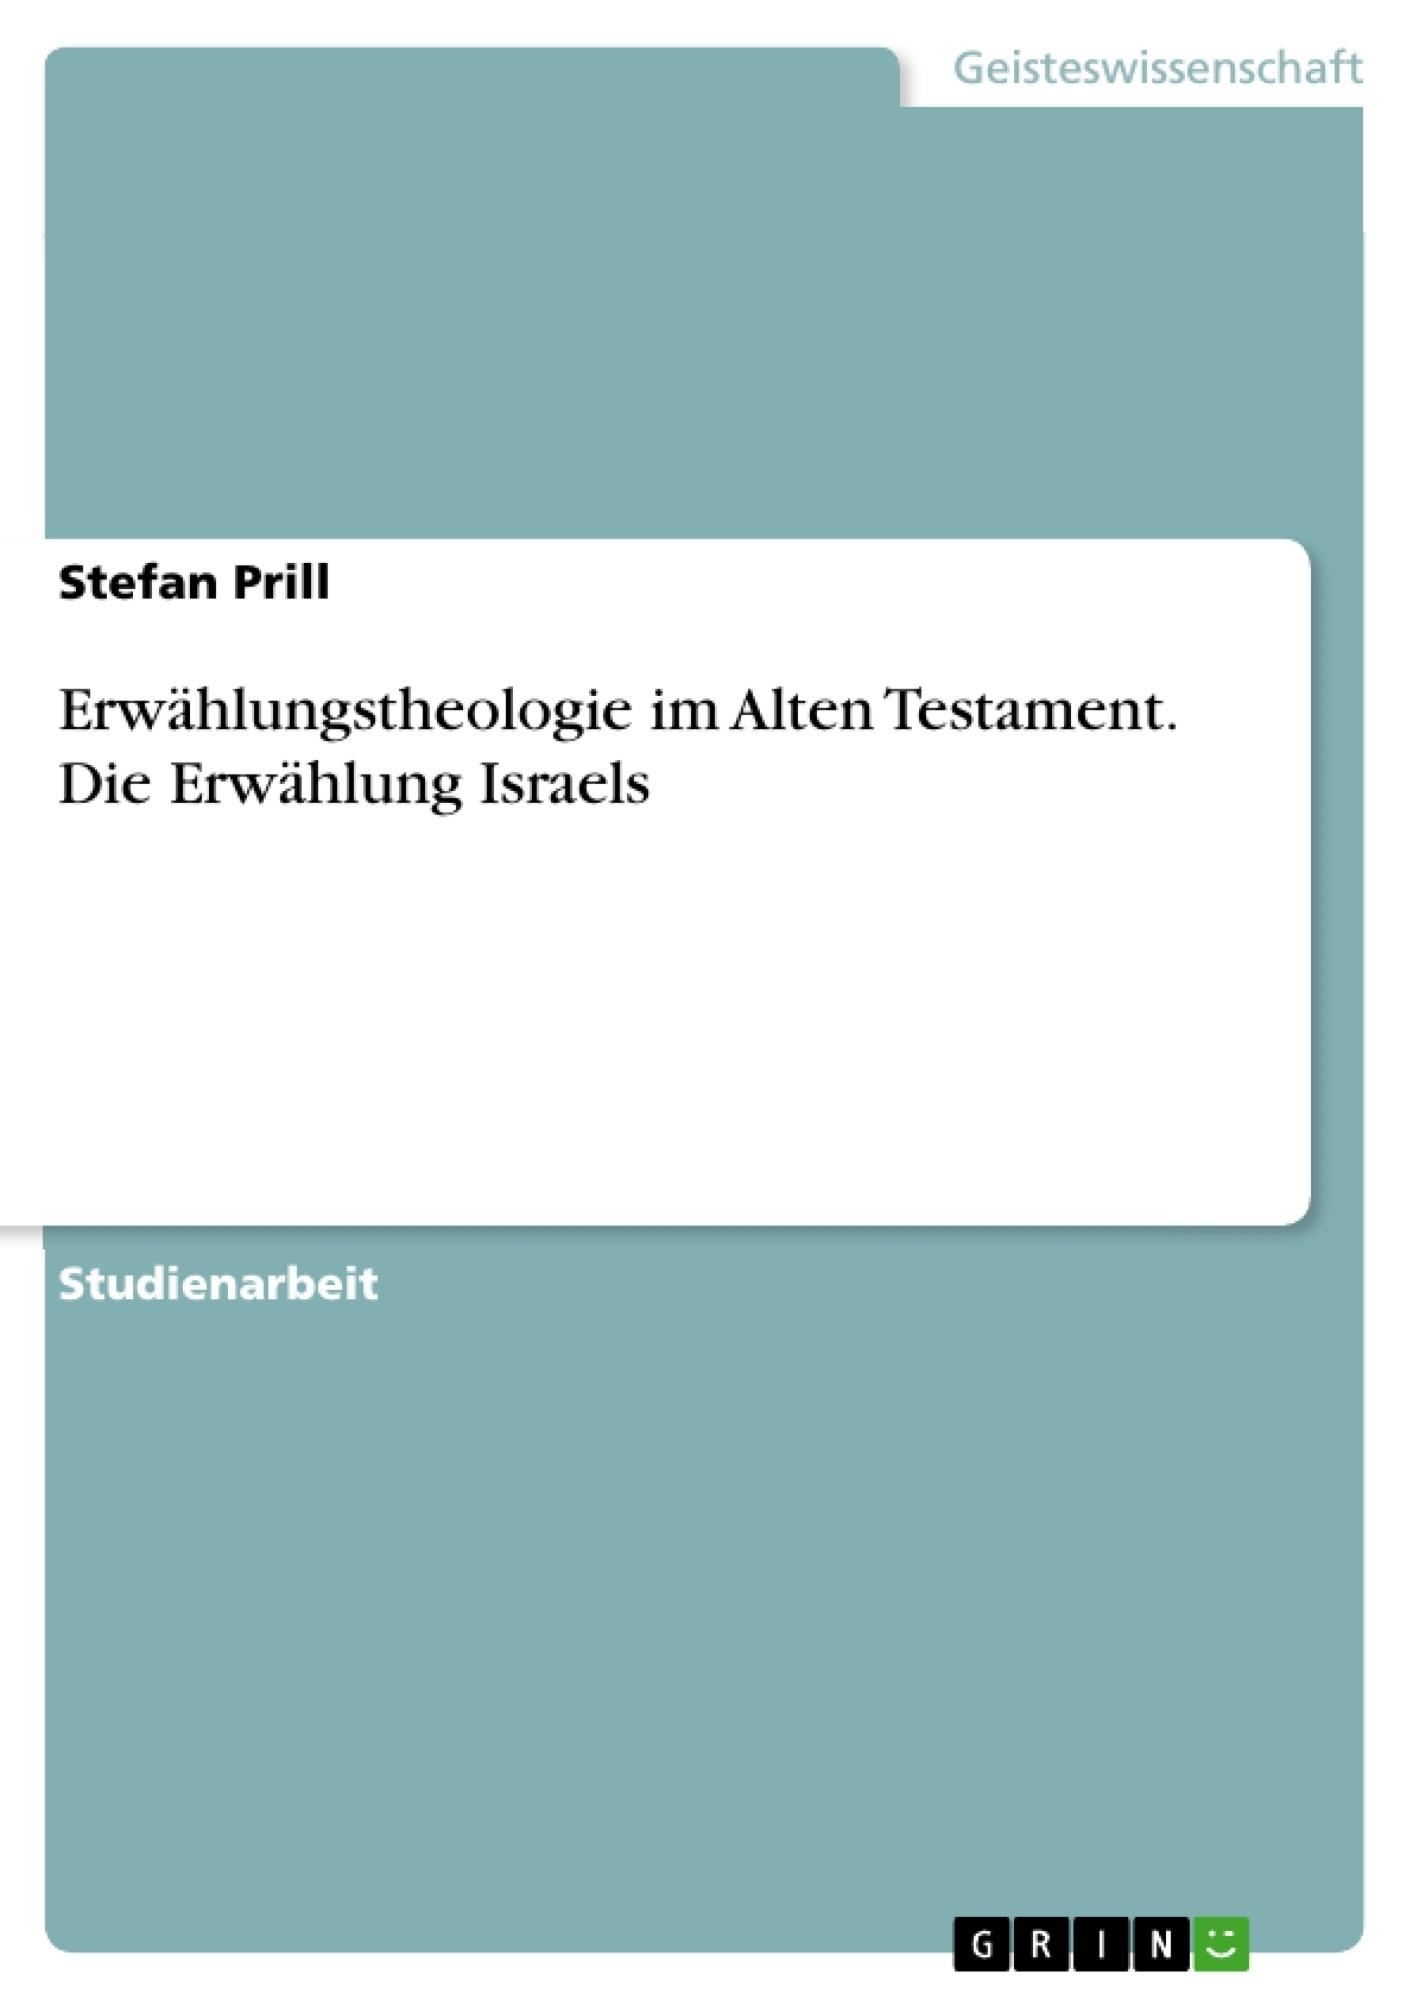 Titel: Erwählungstheologie im Alten Testament. Die Erwählung Israels